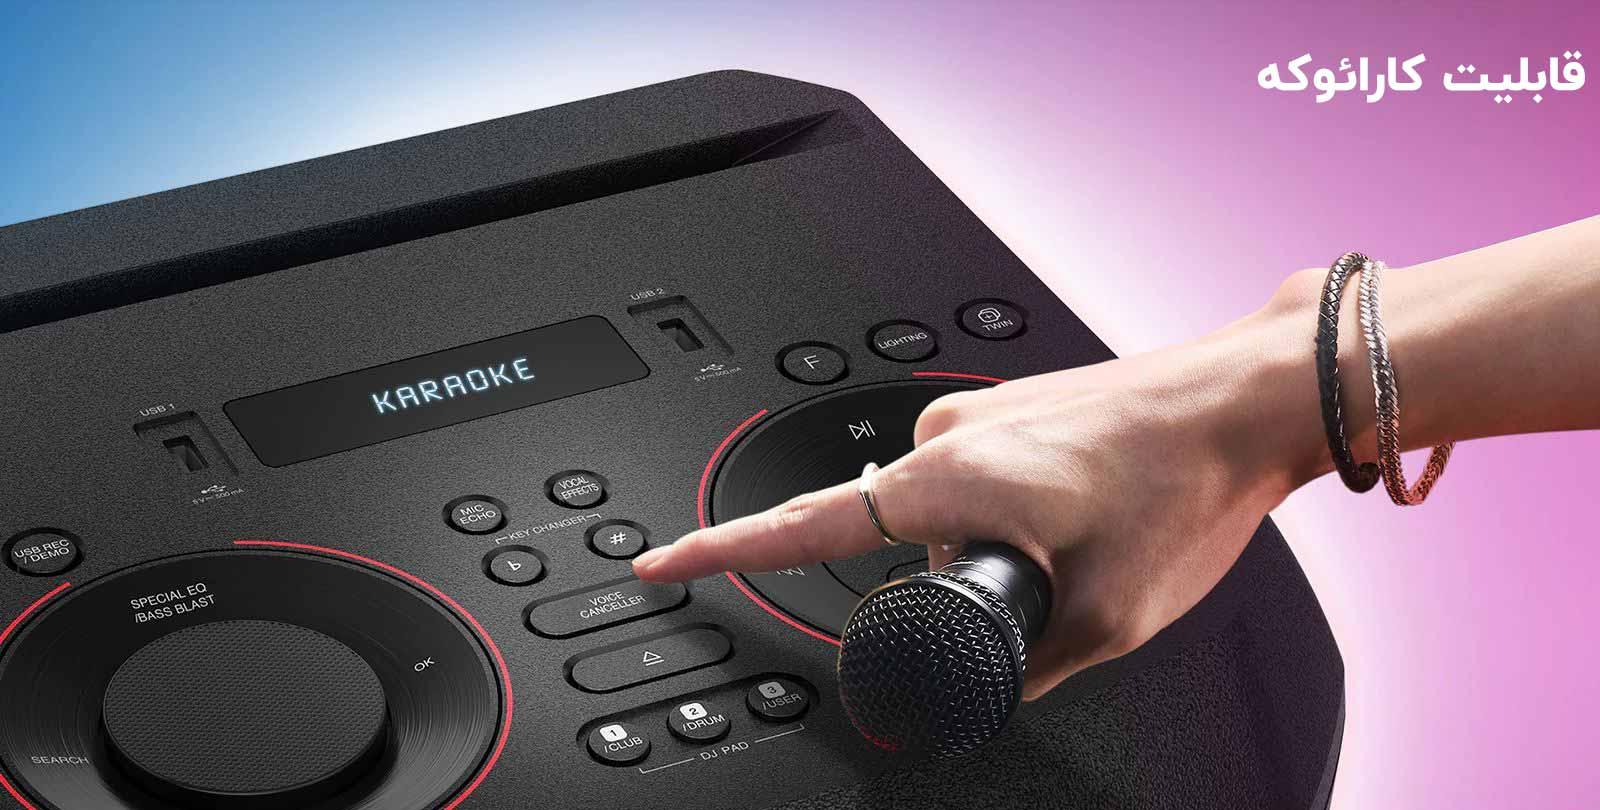 قابلیت کارائوکه سیستم صوتی ON9